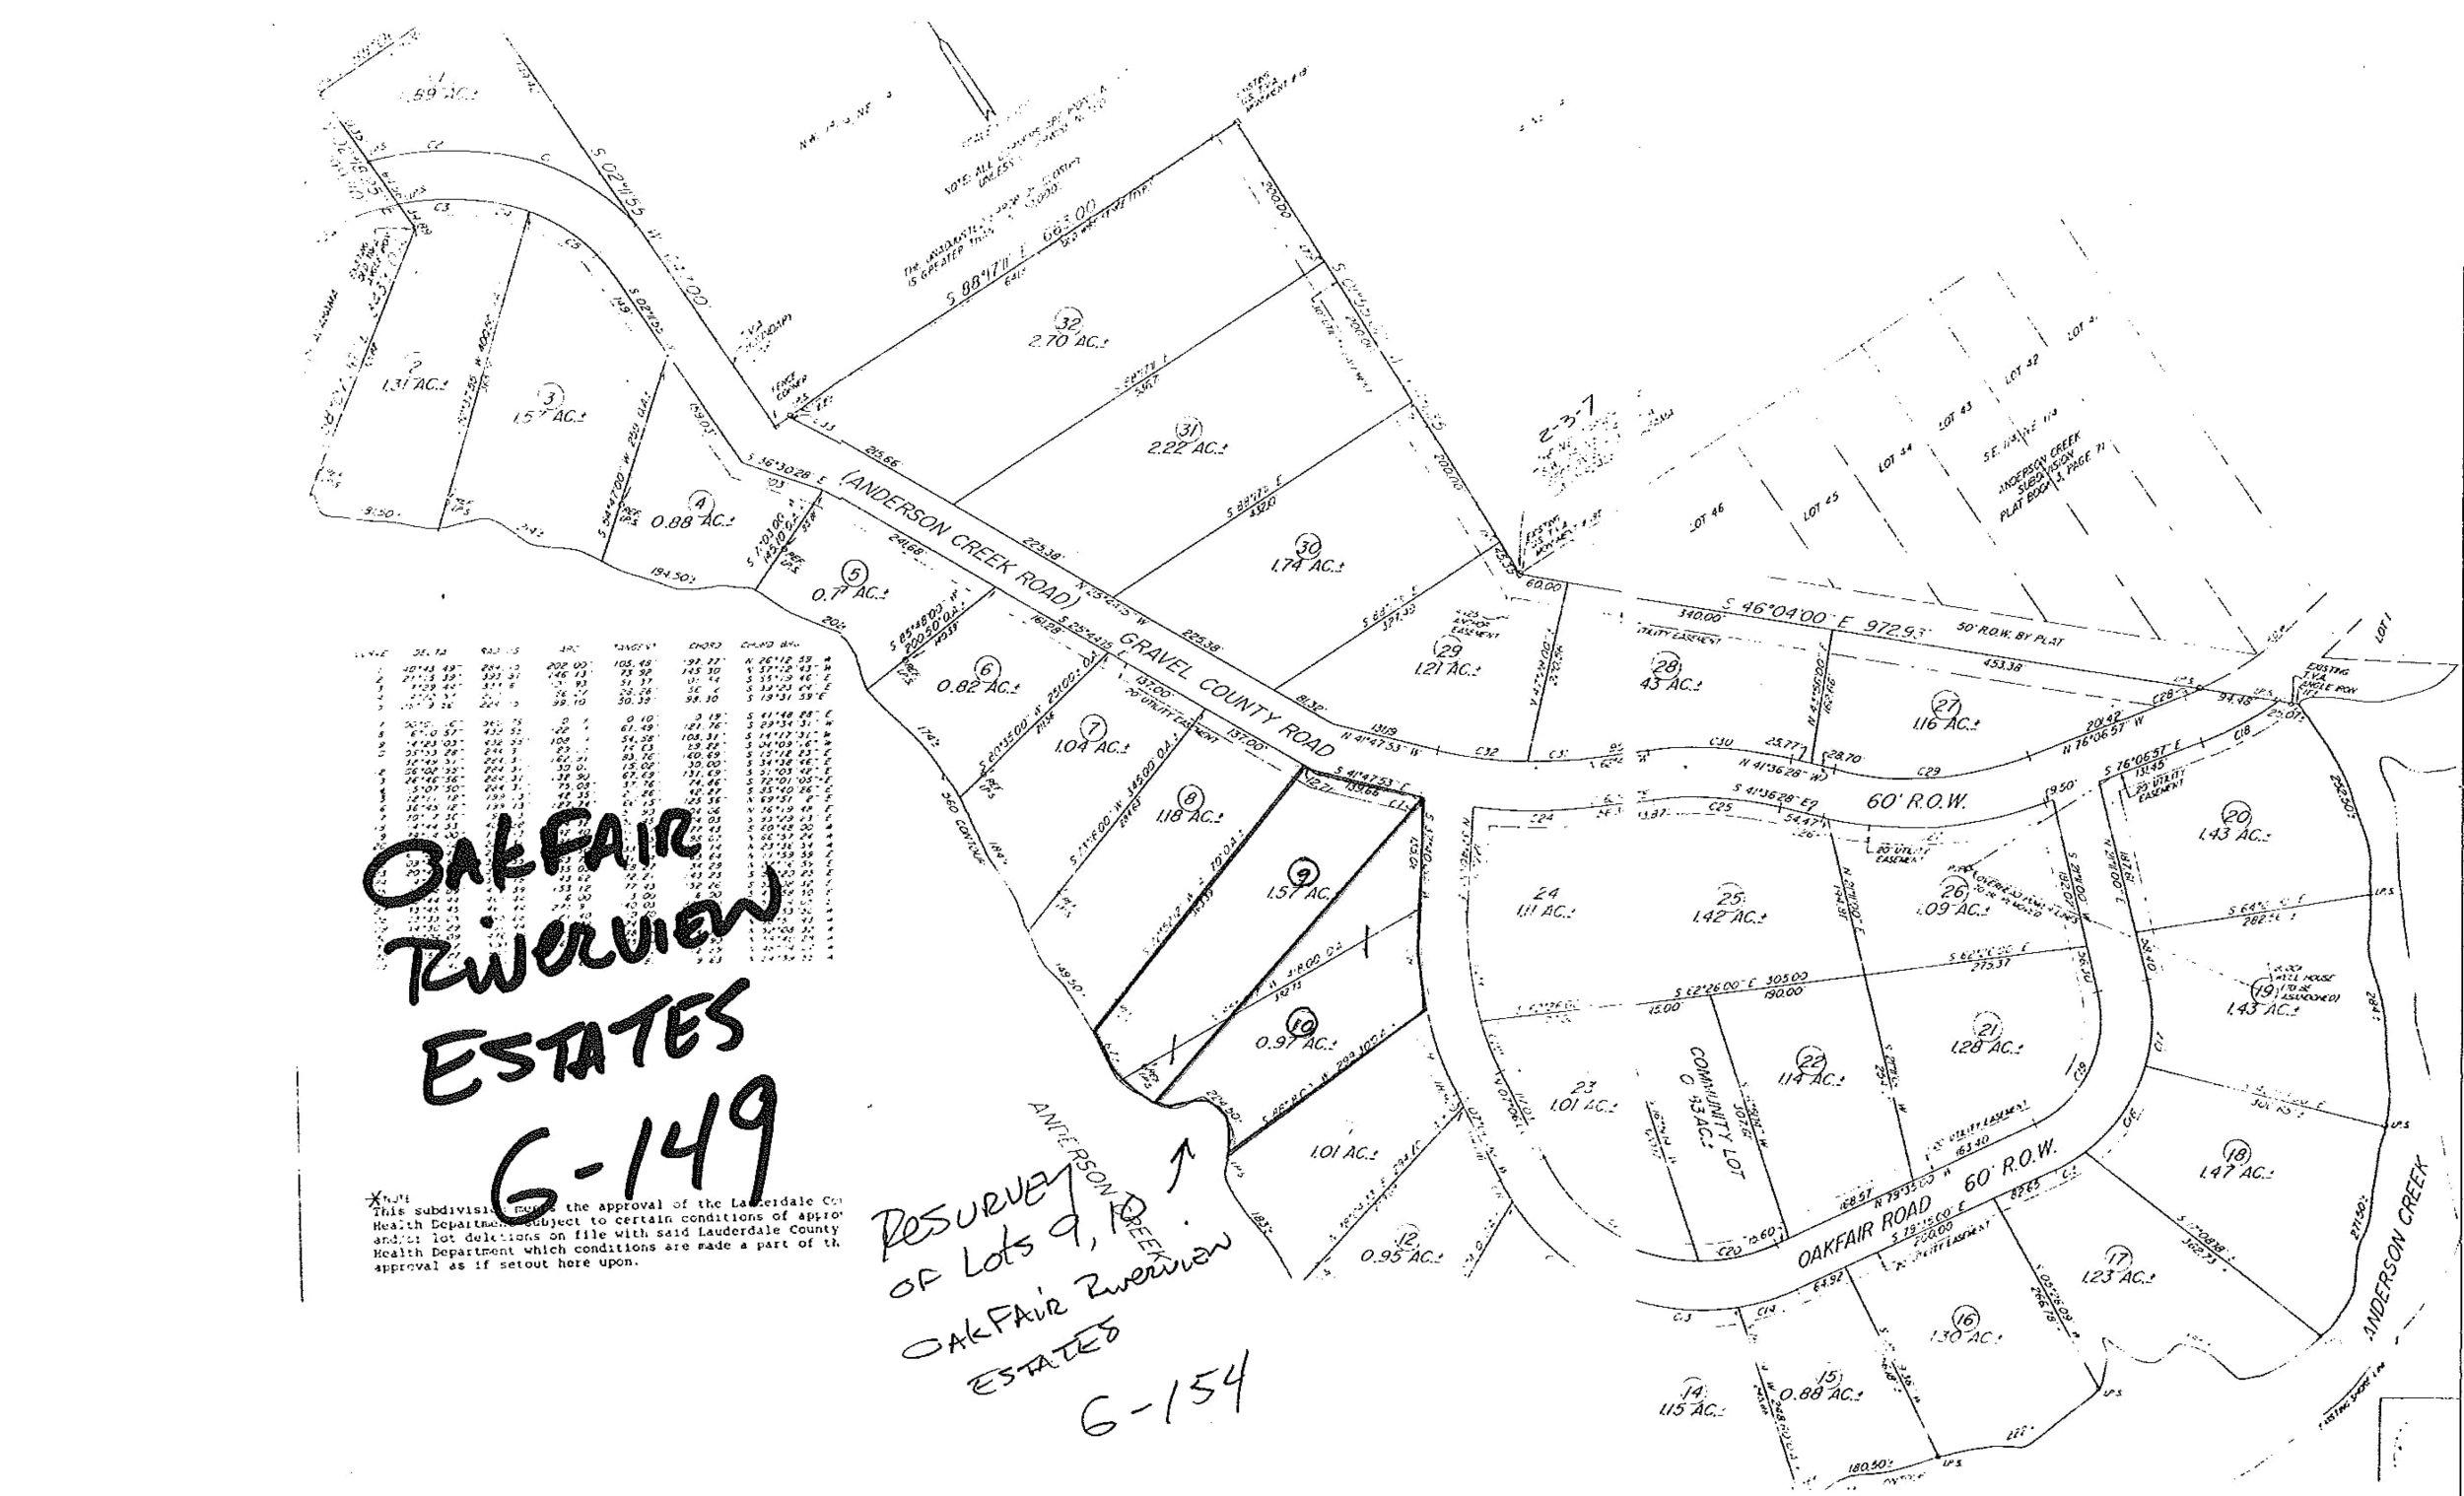 Oakfair Riverview plats-1.jpg